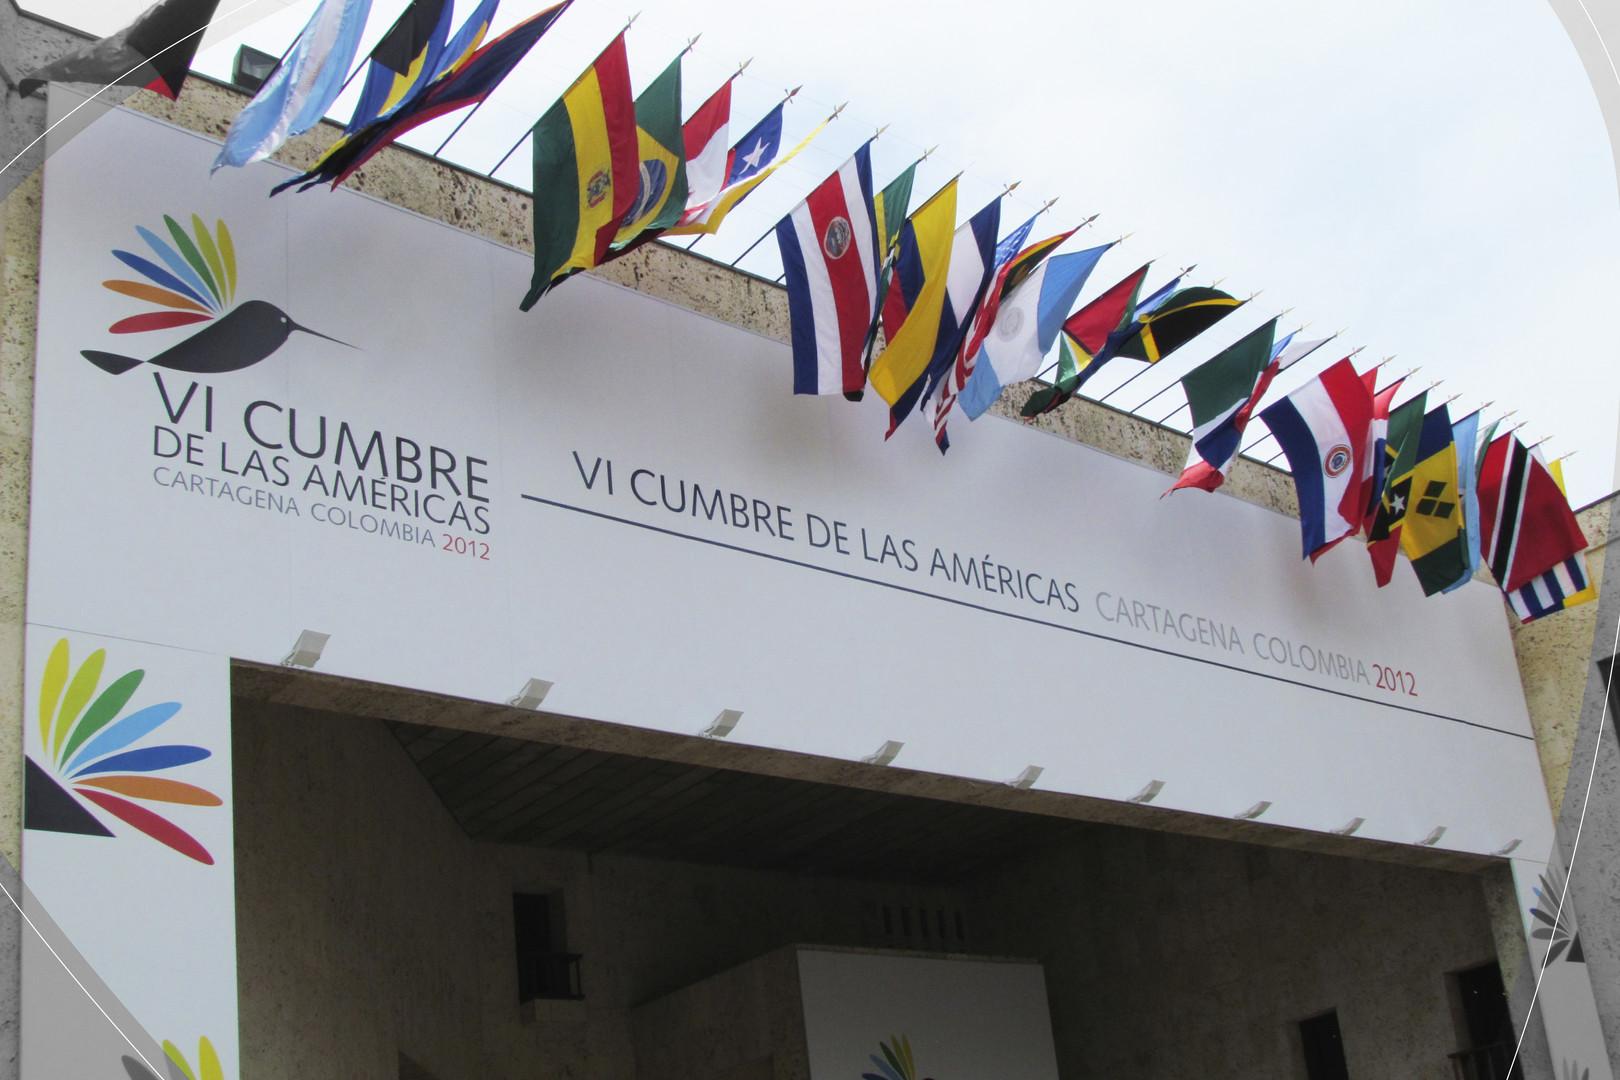 Cumbre de Las Americas IMG_4336.JPG